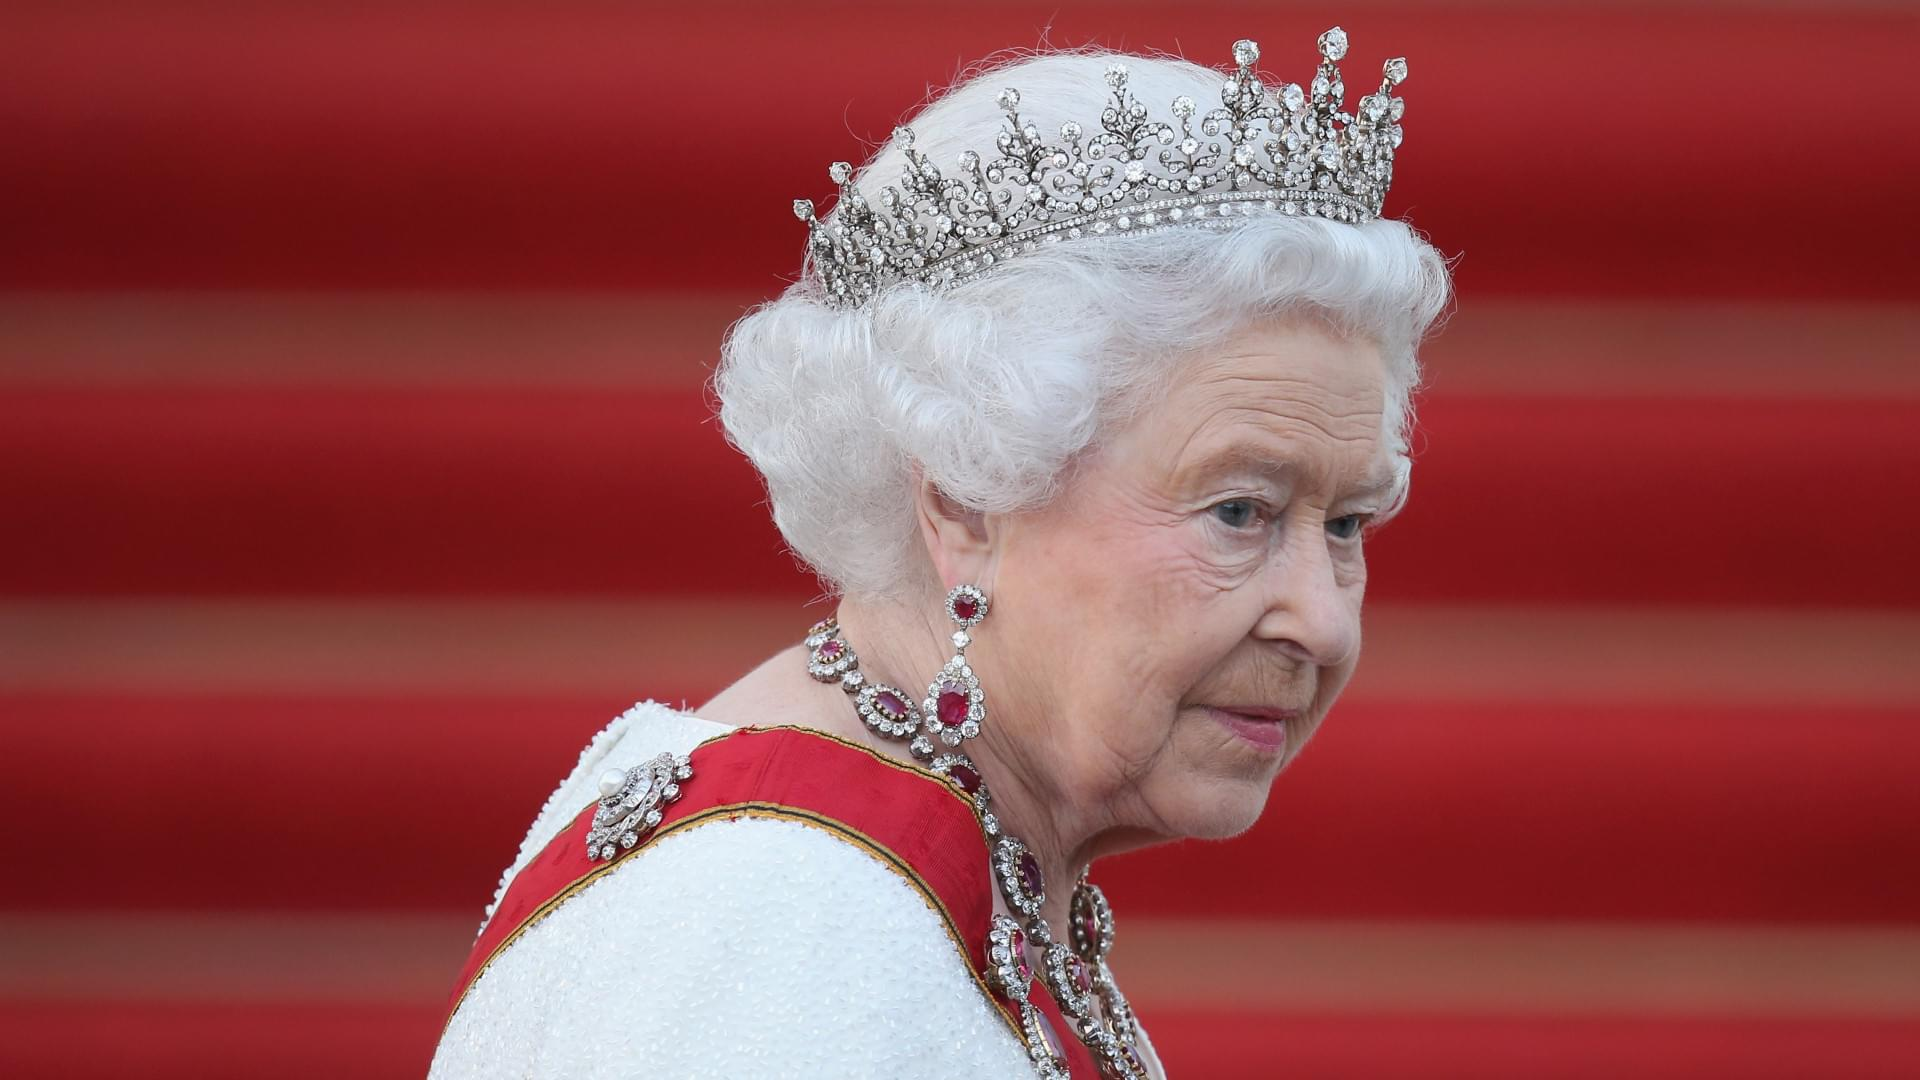 Королева ЕлизаветаII. Фото: Getty Images